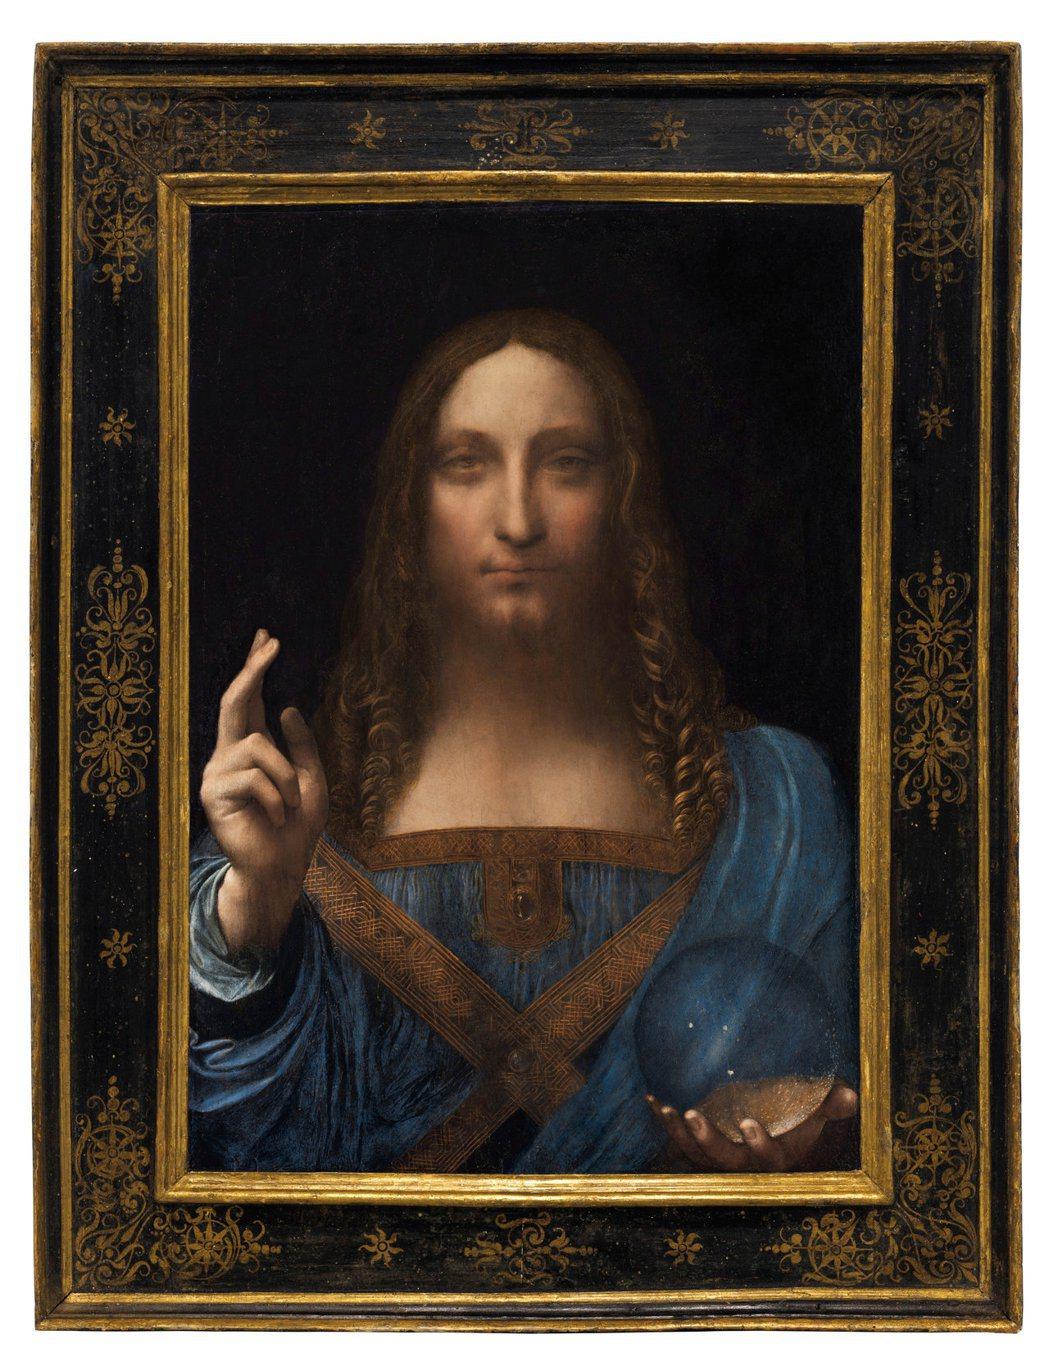 達文西畫作「救世主」以4.5億美元在佳士得紐約拍賣會上售出。(路透)